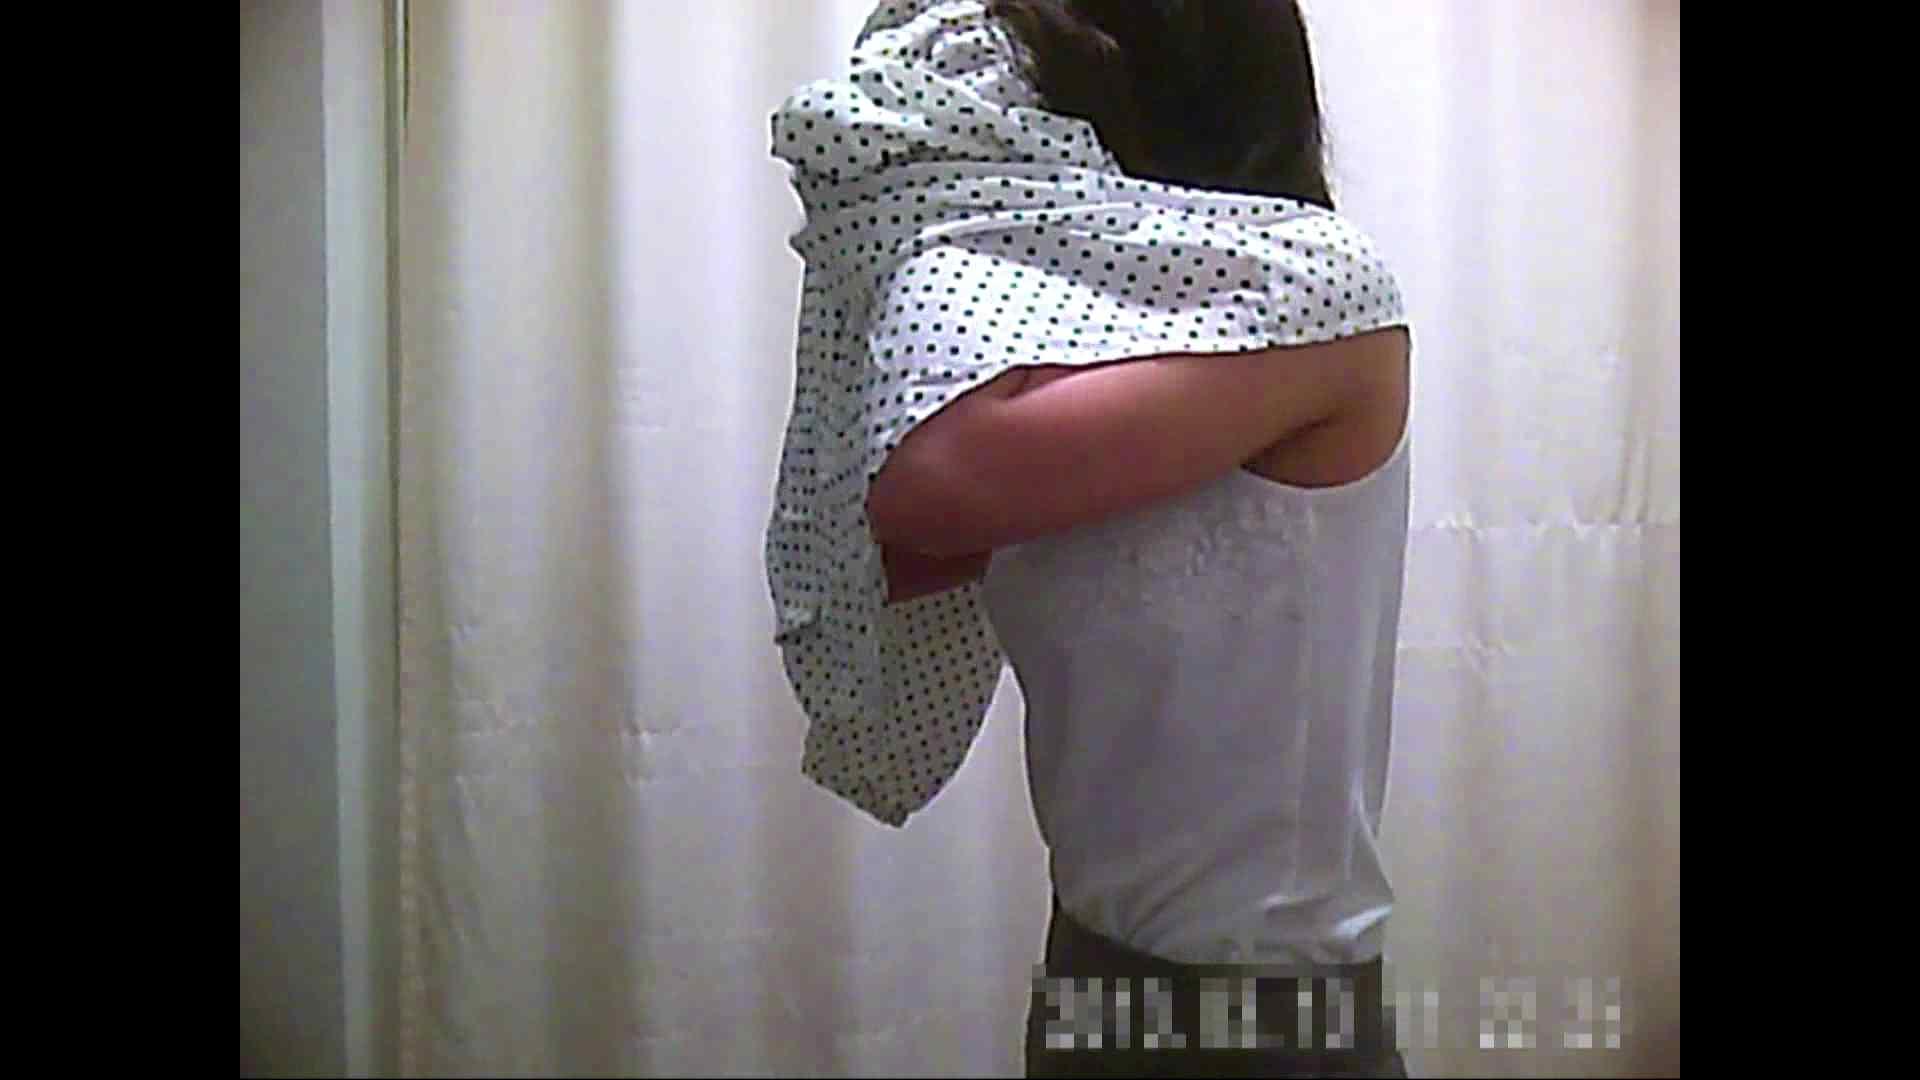 セックスアダルト動画|元医者による反抗 更衣室地獄絵巻 vol.097|怪盗ジョーカー